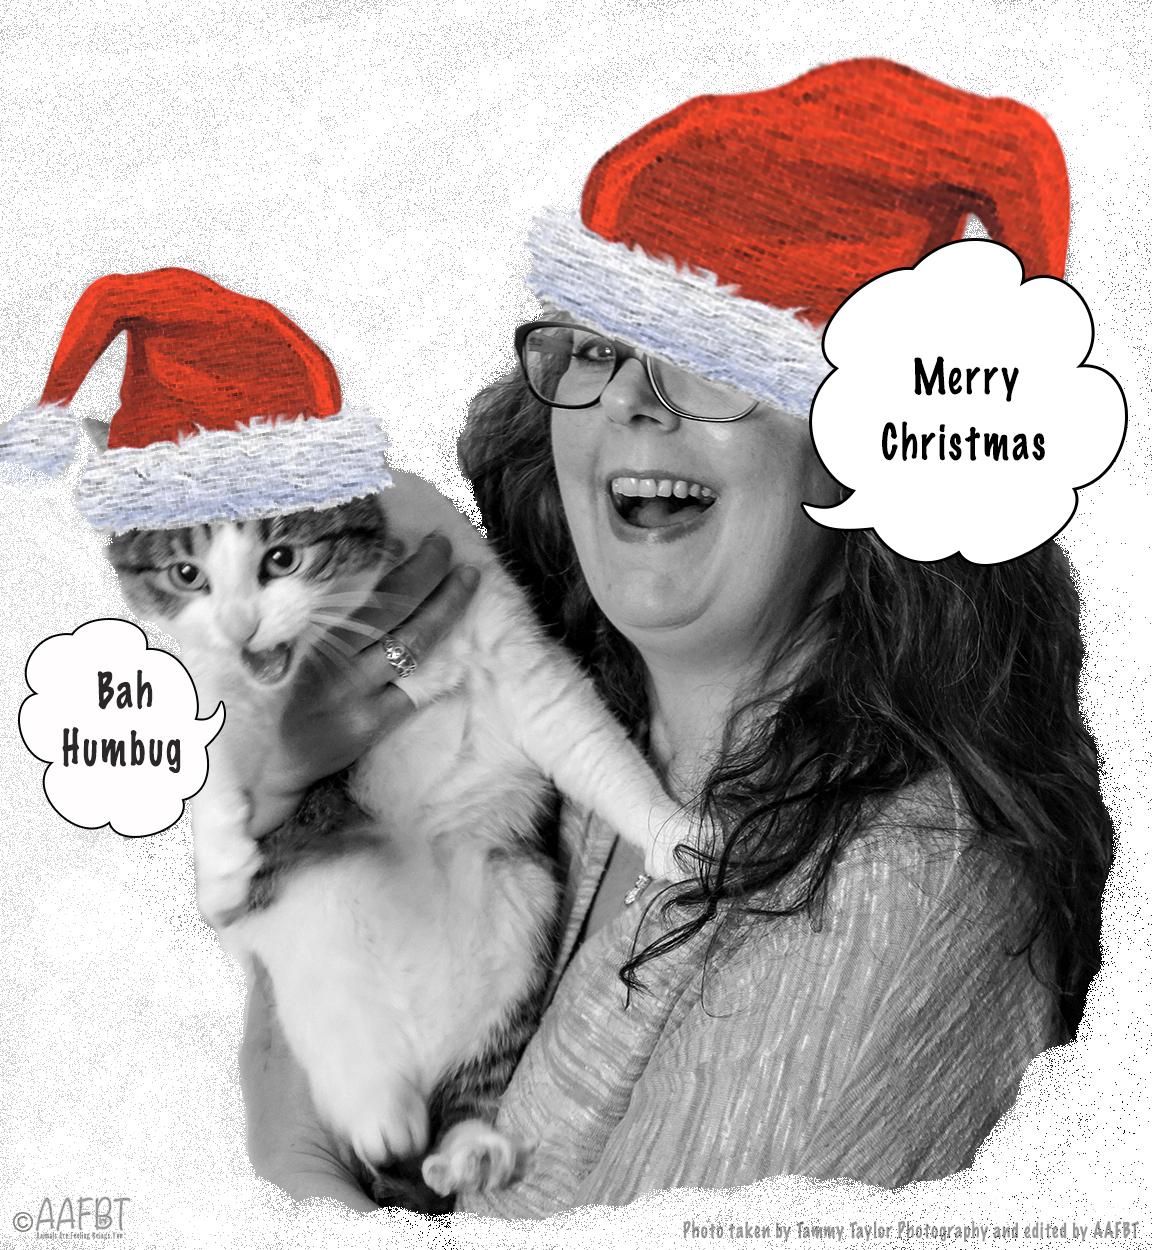 me-cino-christmas-card-2018-aafbt